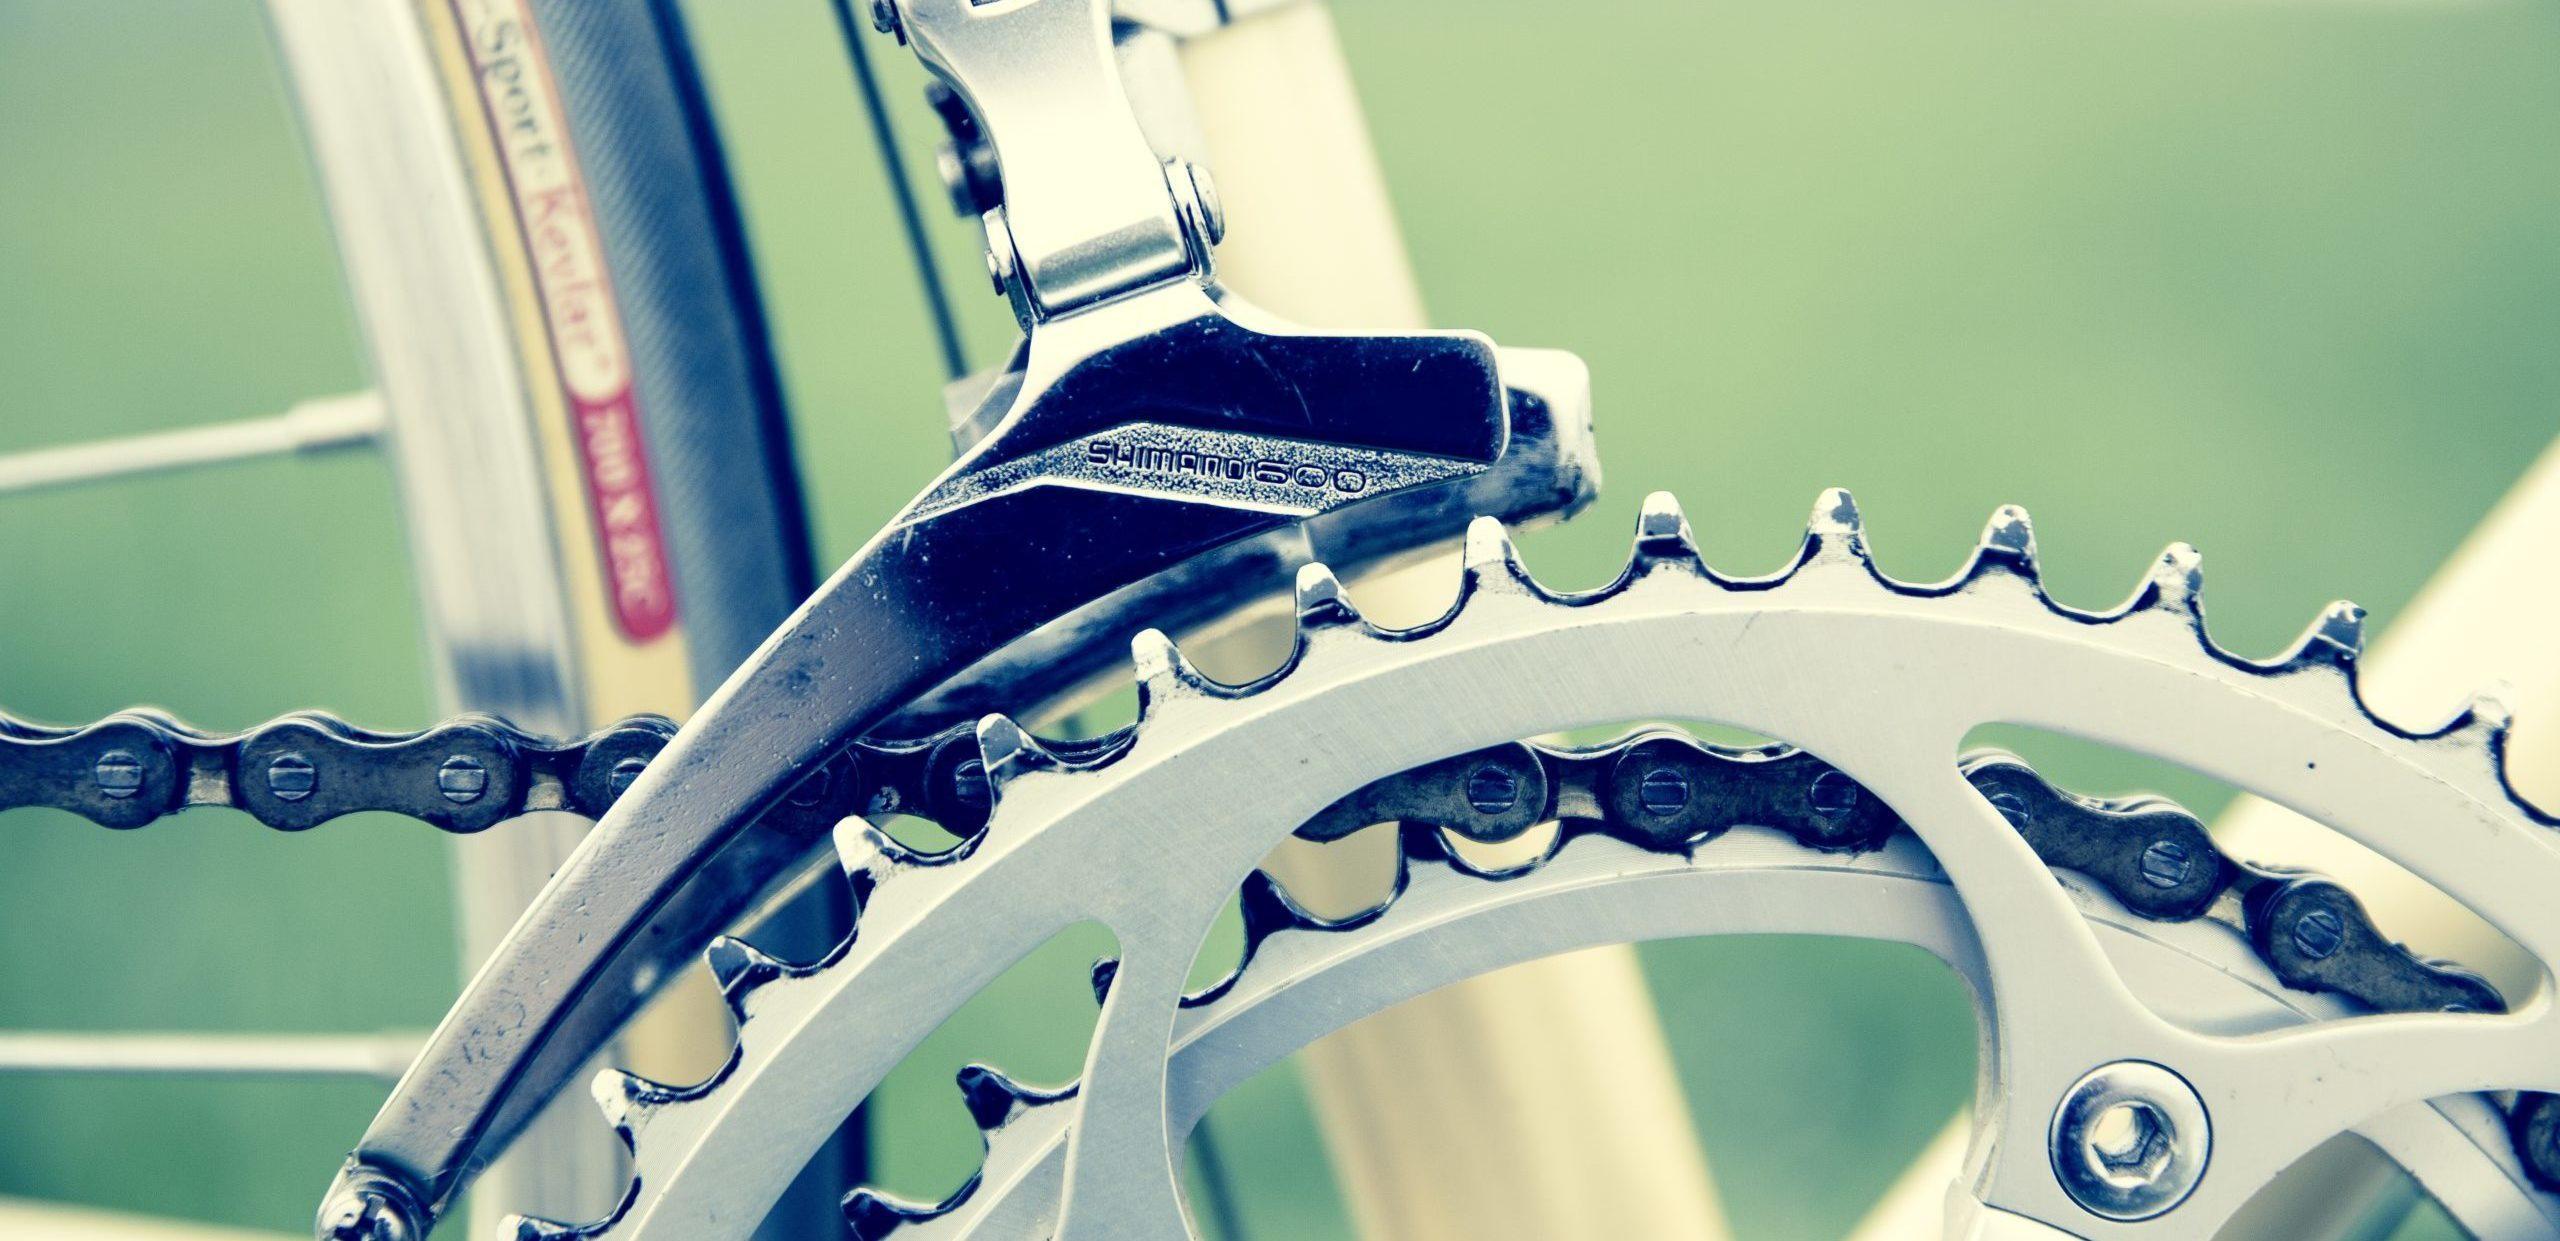 Der Kettenkranz auf einem Rennrad.